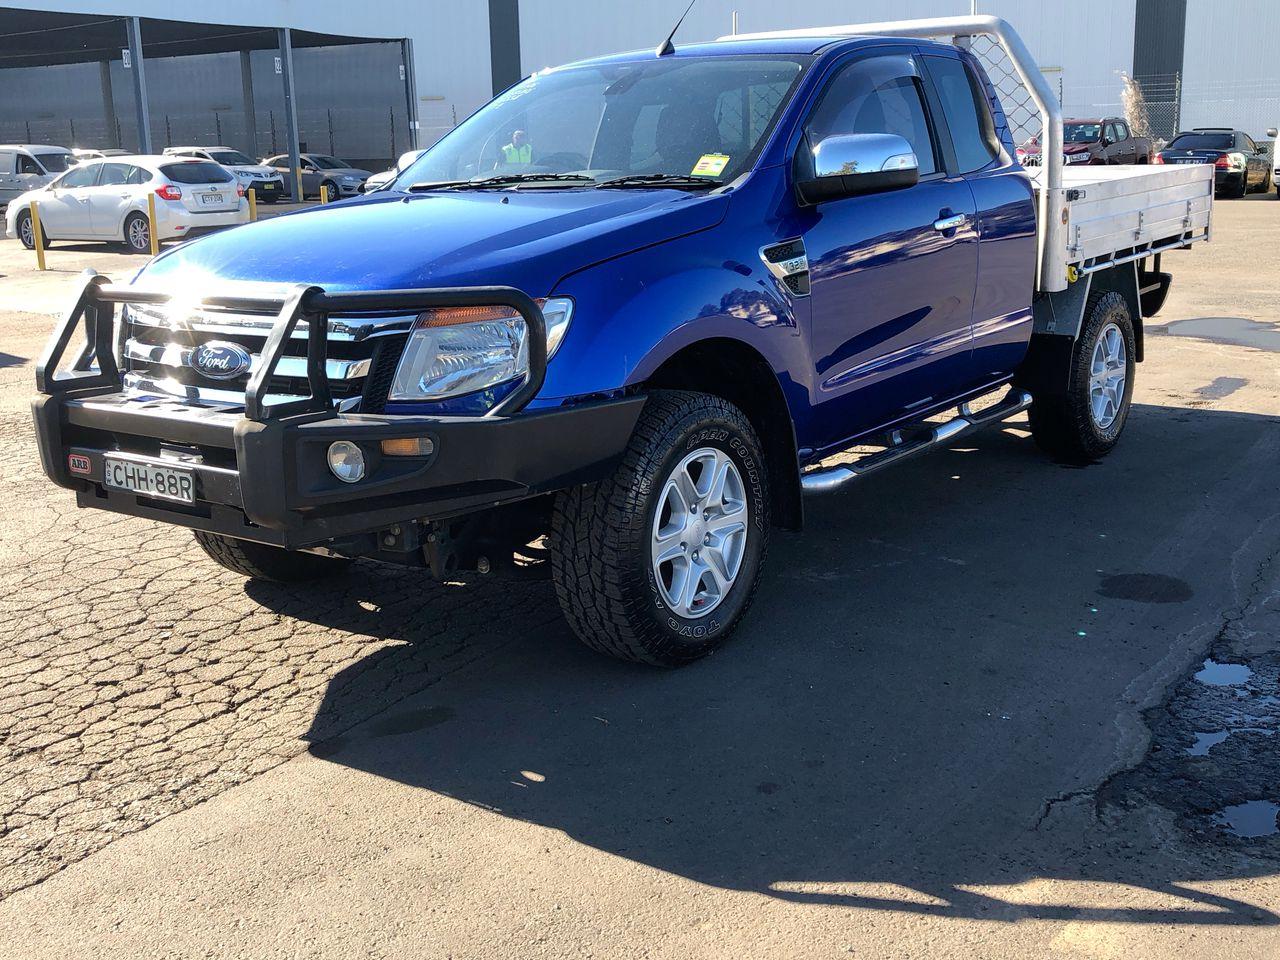 2012 Ford Ranger XLT 3.2 (4x4) PX Turbo Diesel Manual Ute